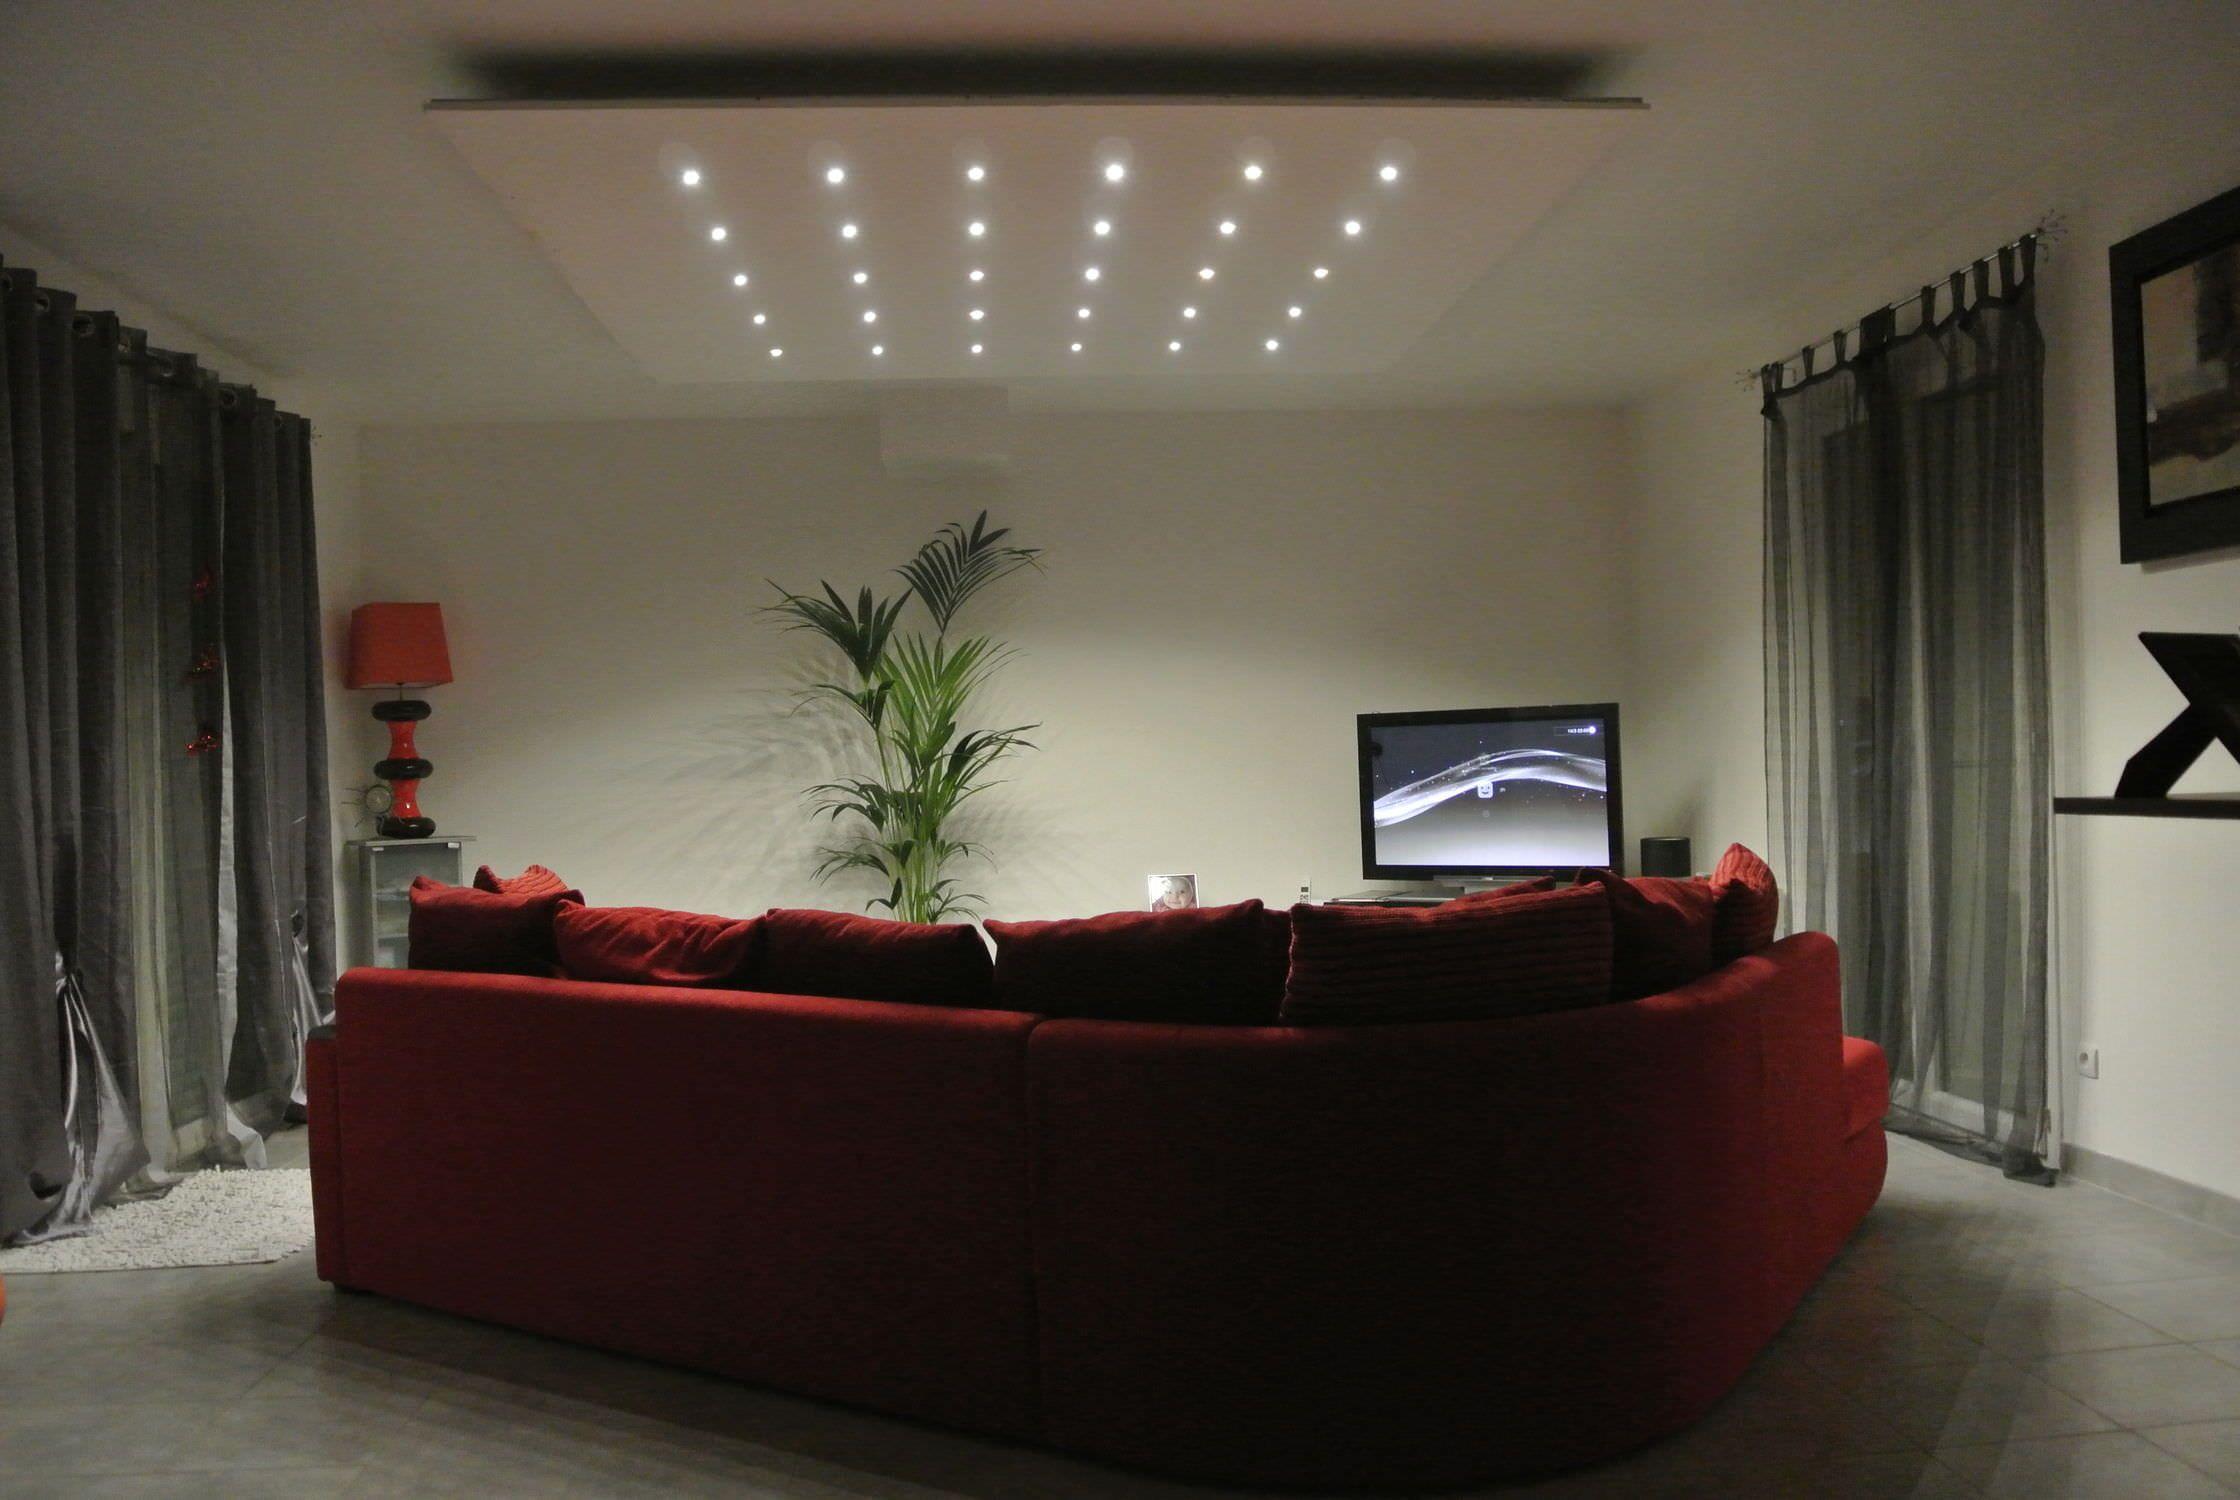 un salotto moderno e chic illuminato da faretti led